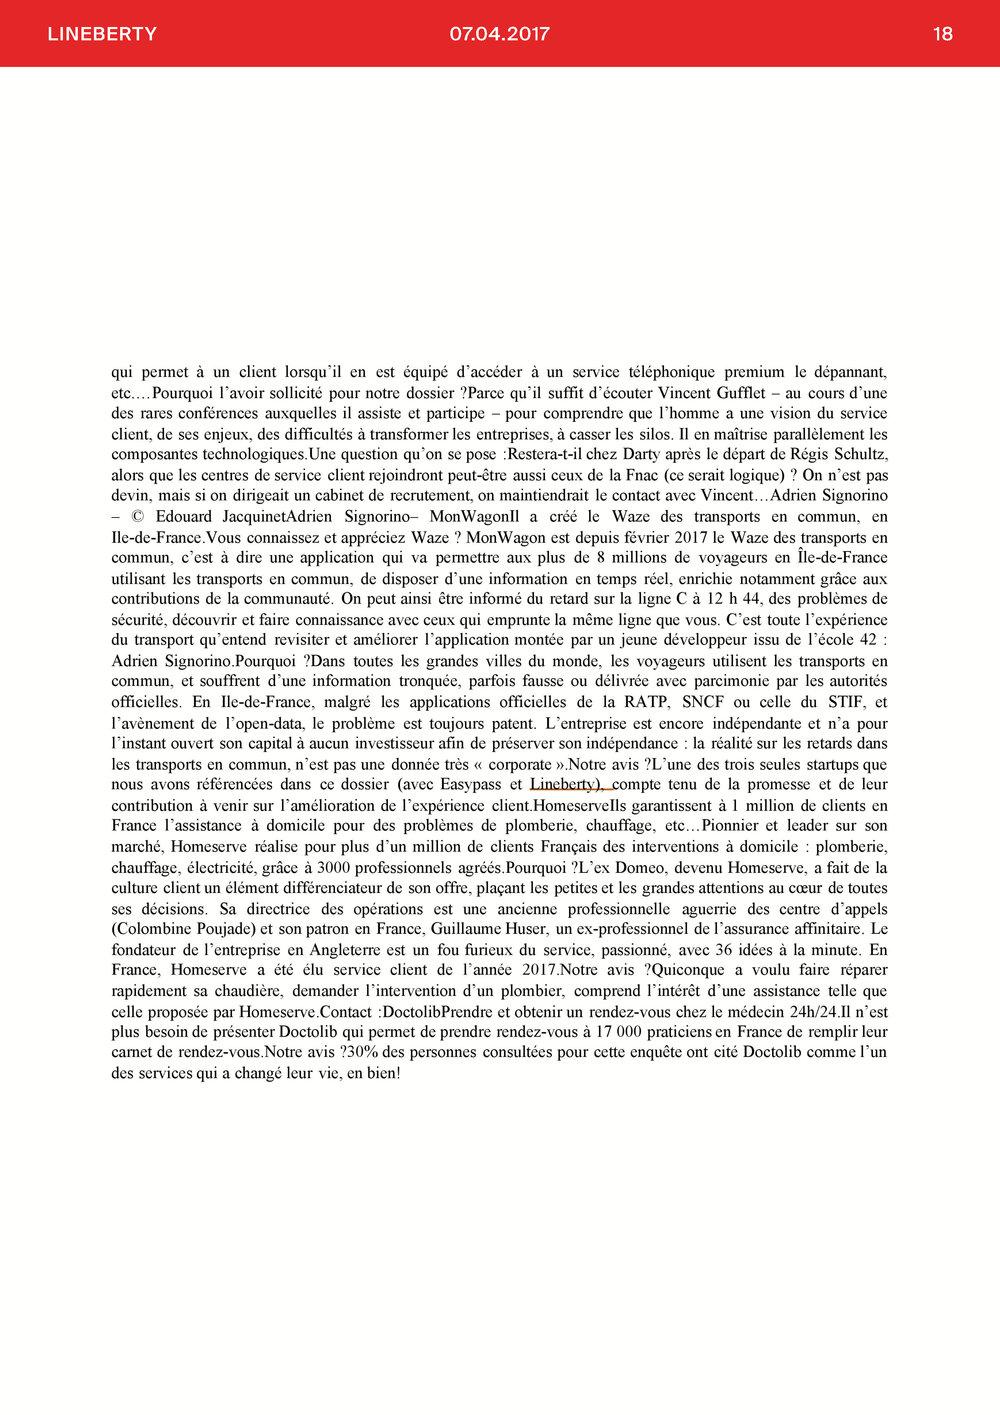 BOOKMEDIA_AVRIL_018.jpg